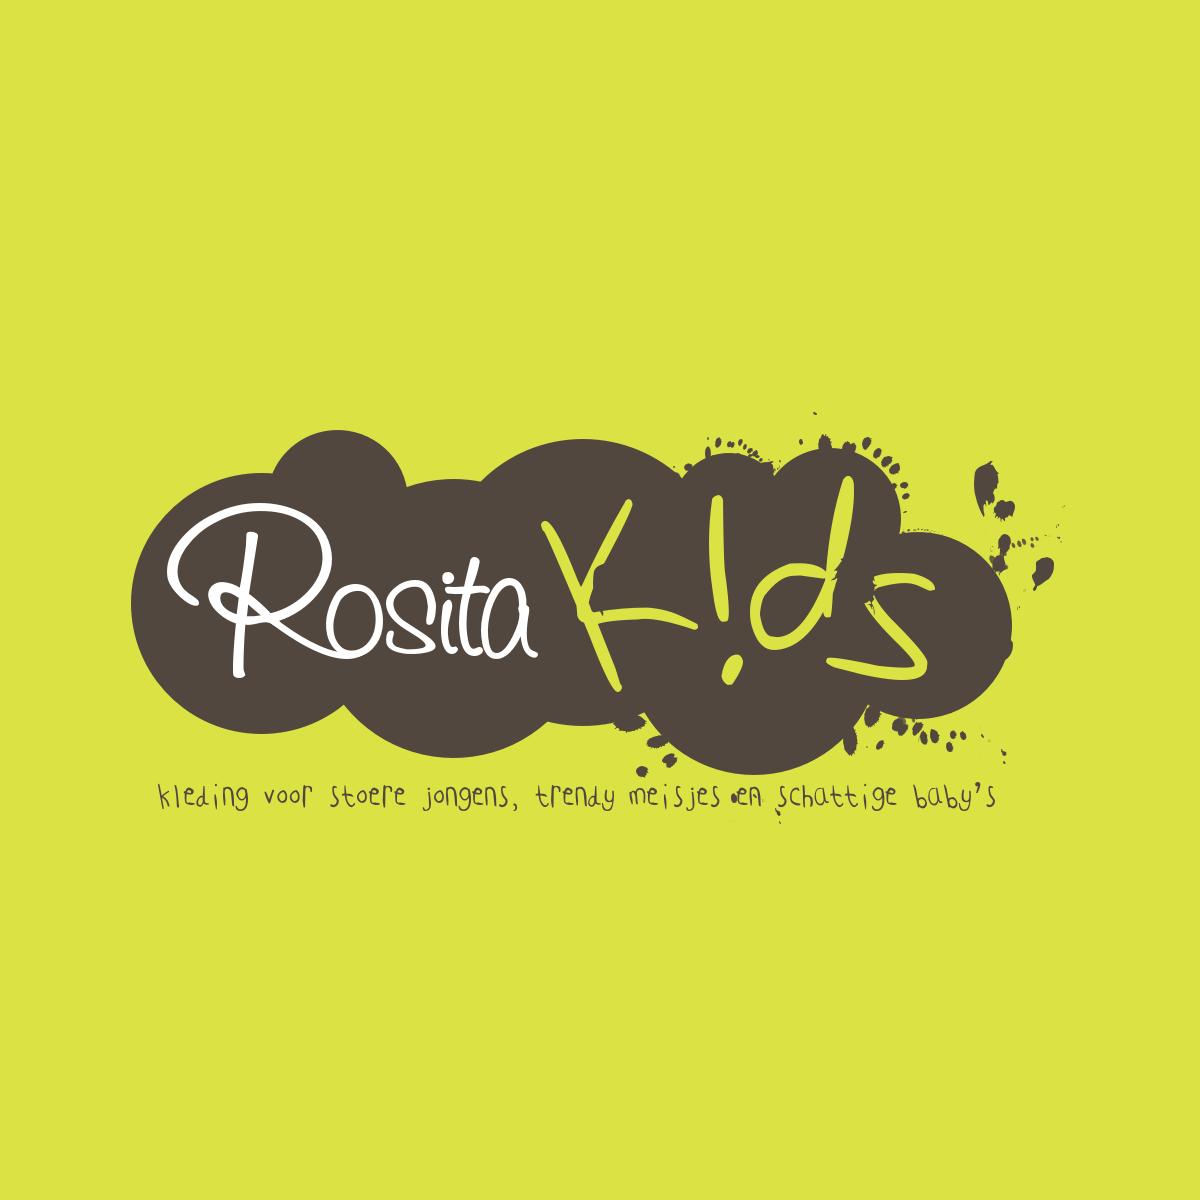 RositaKids_1200x1200